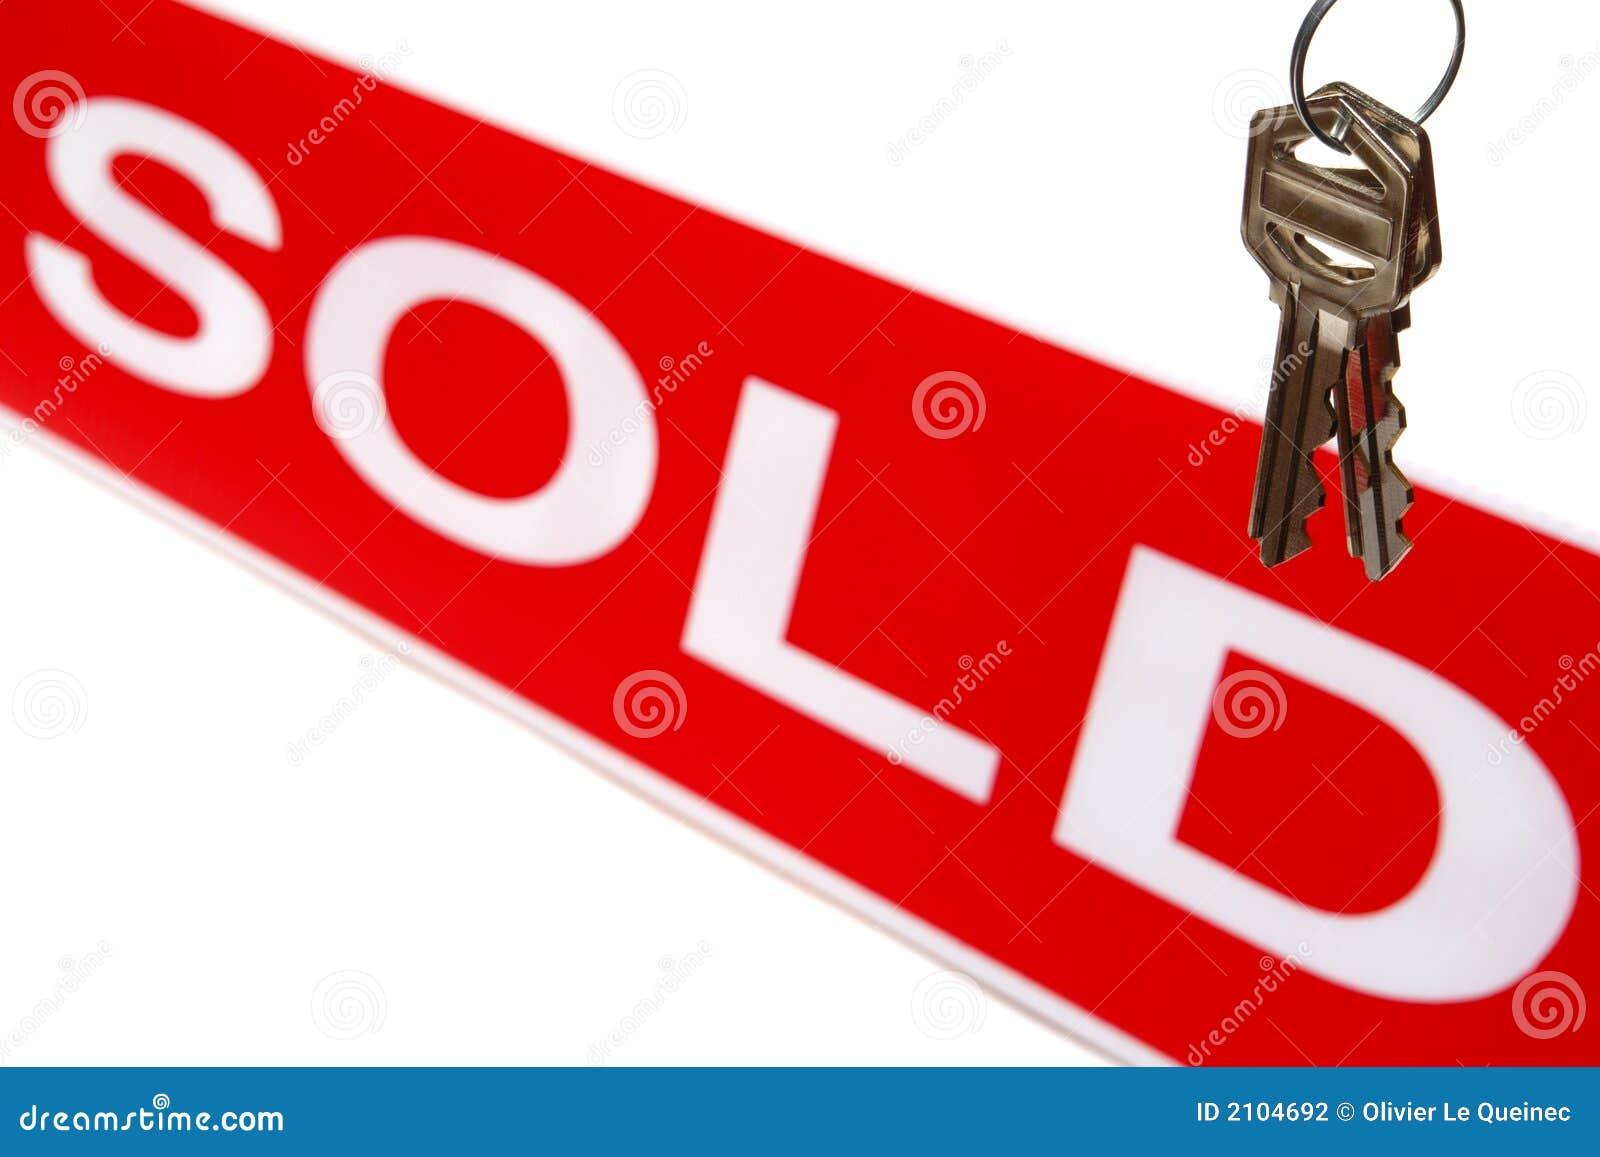 Estate house keys real sign sold